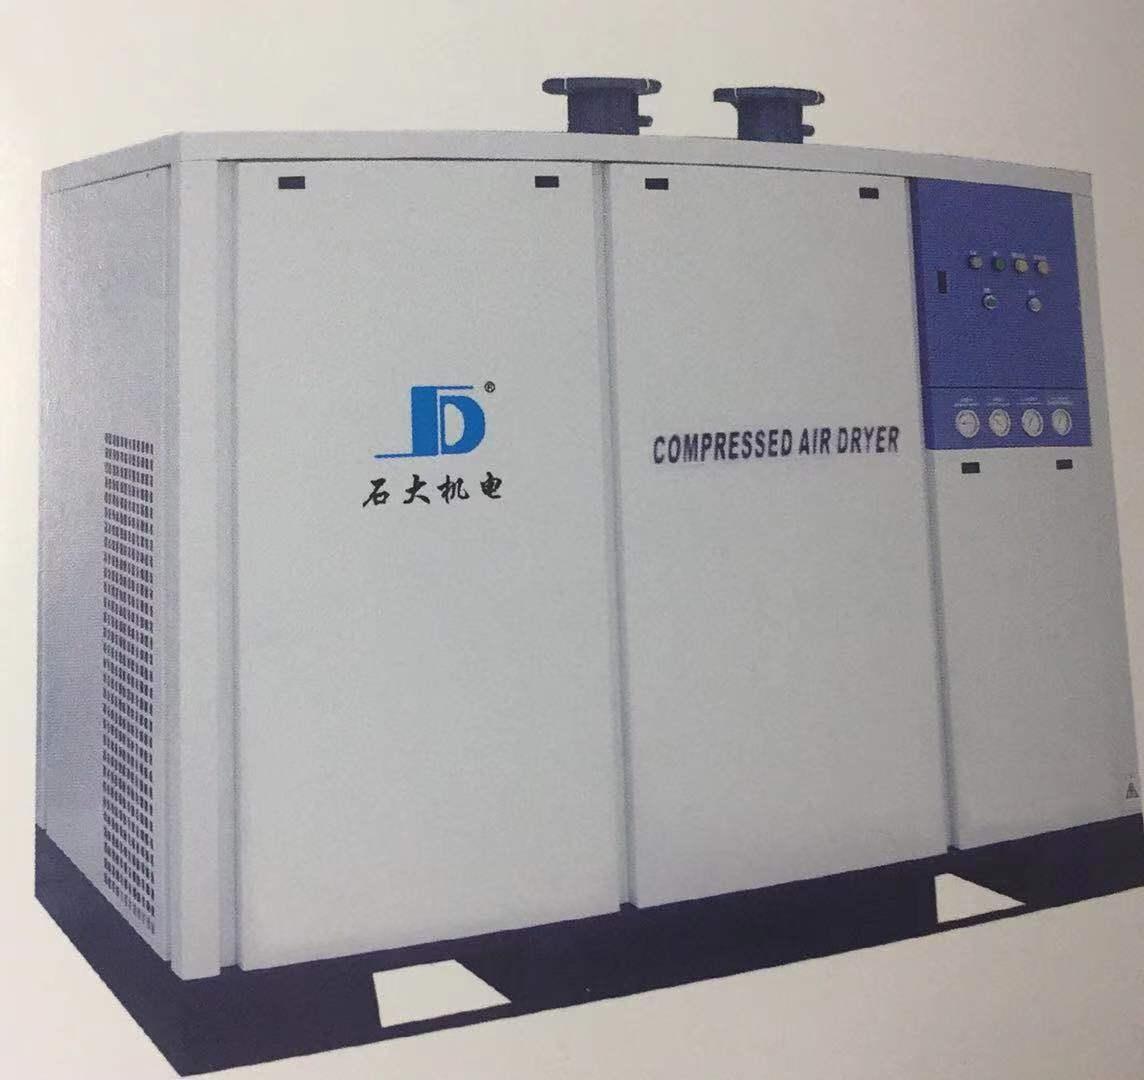 風空氣壓縮機、TQN變壓吸附制氮機